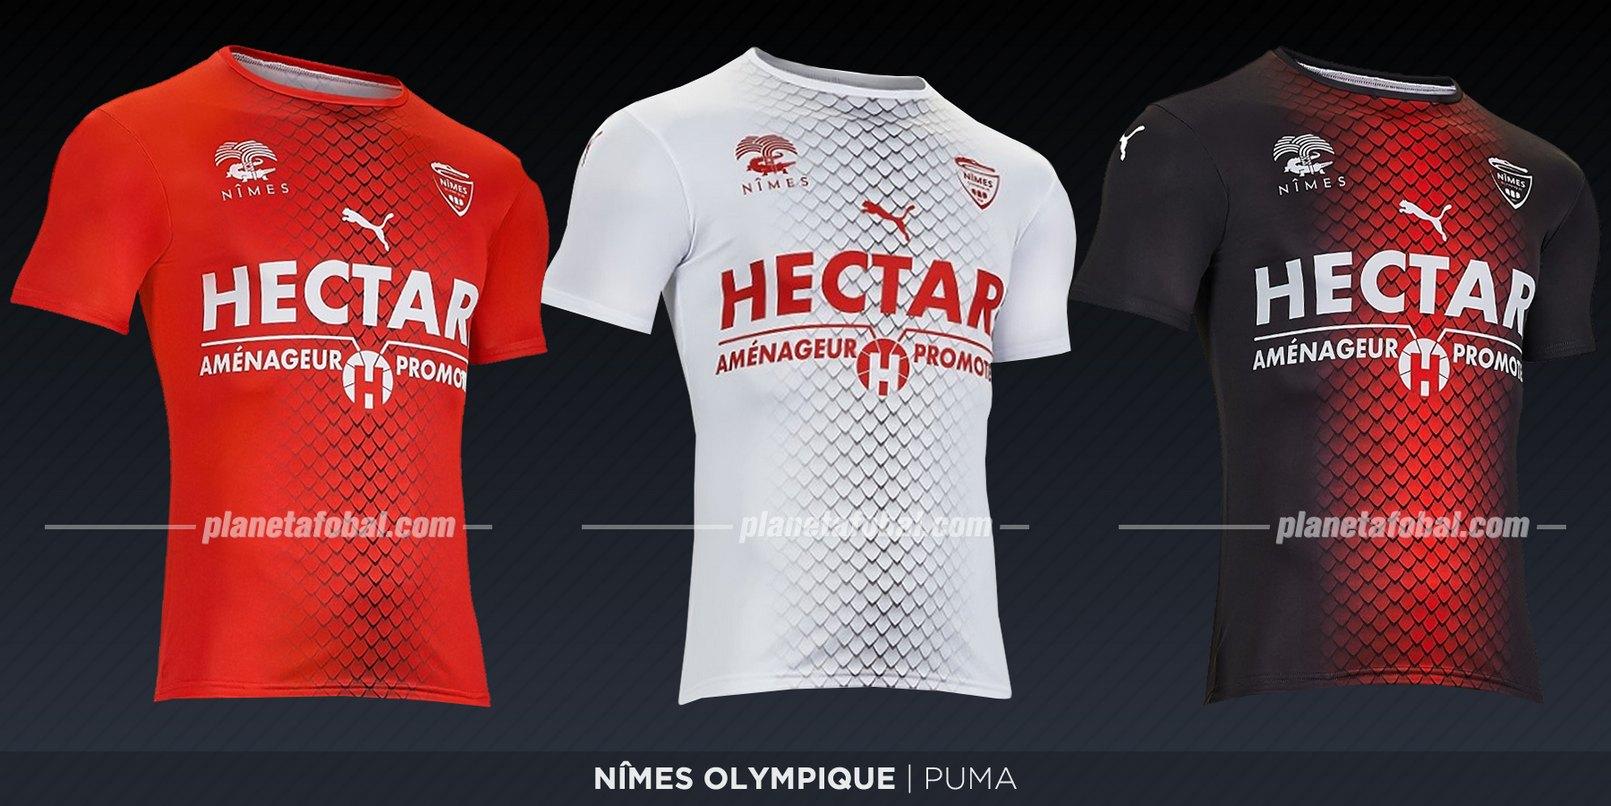 Nîmes Olympique (Puma) | Camisetas de la Ligue 1 2019-2020